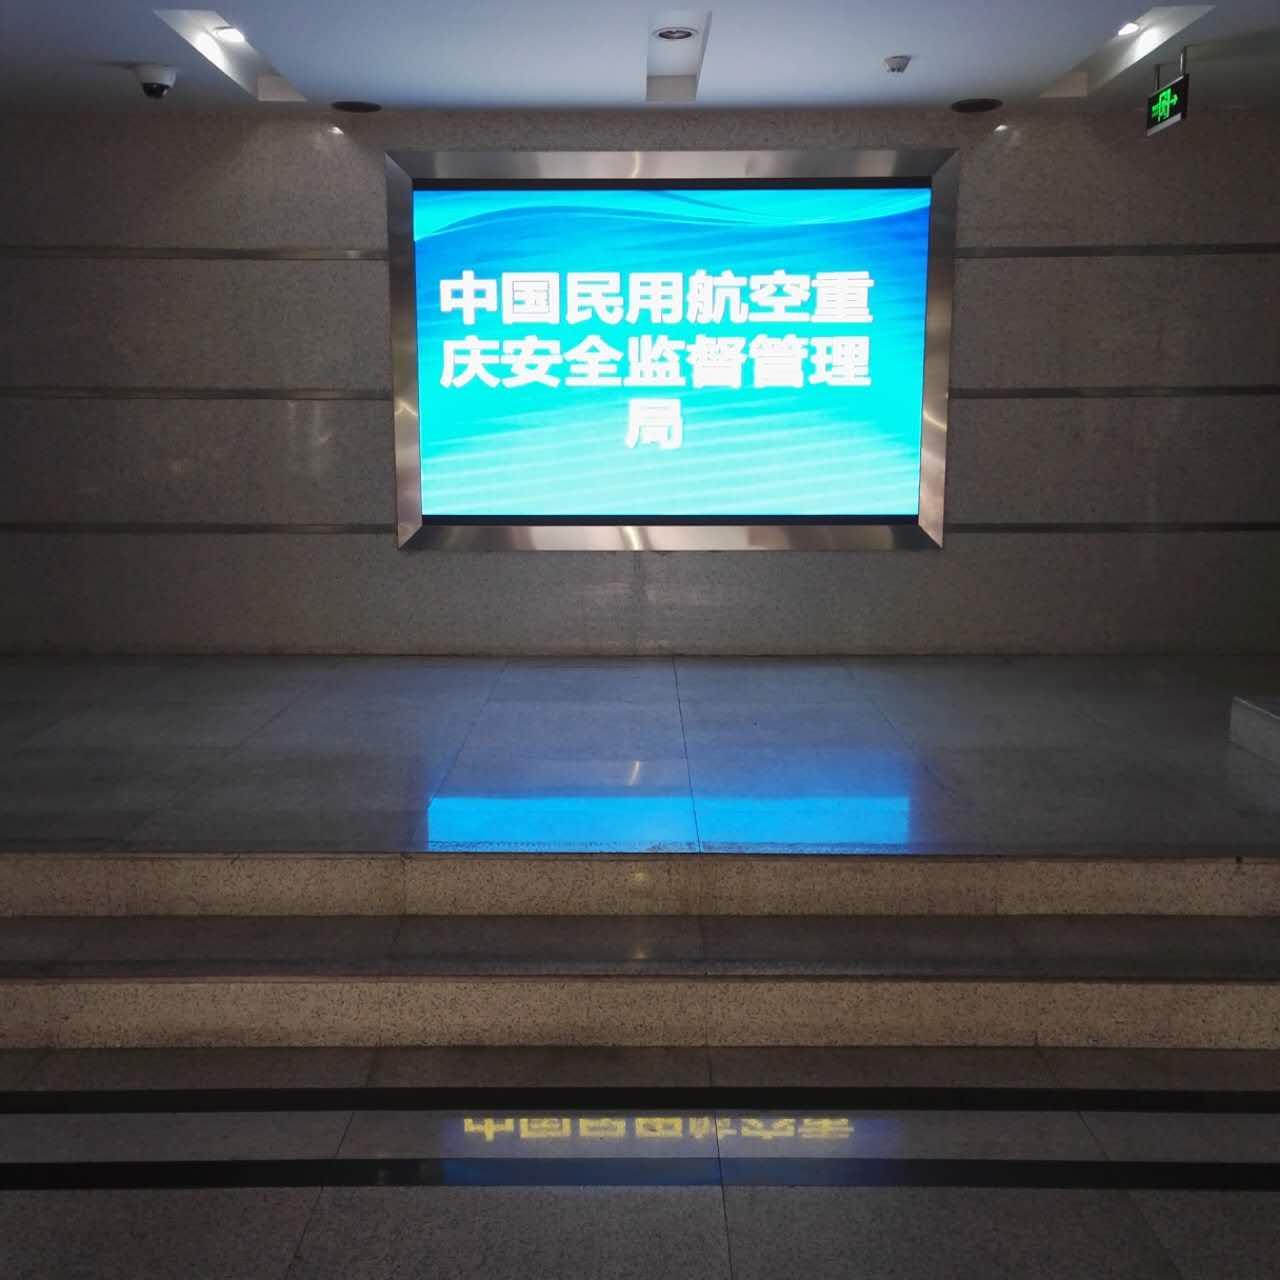 中国民用航空重庆安全督管局P2.5、 4㎡